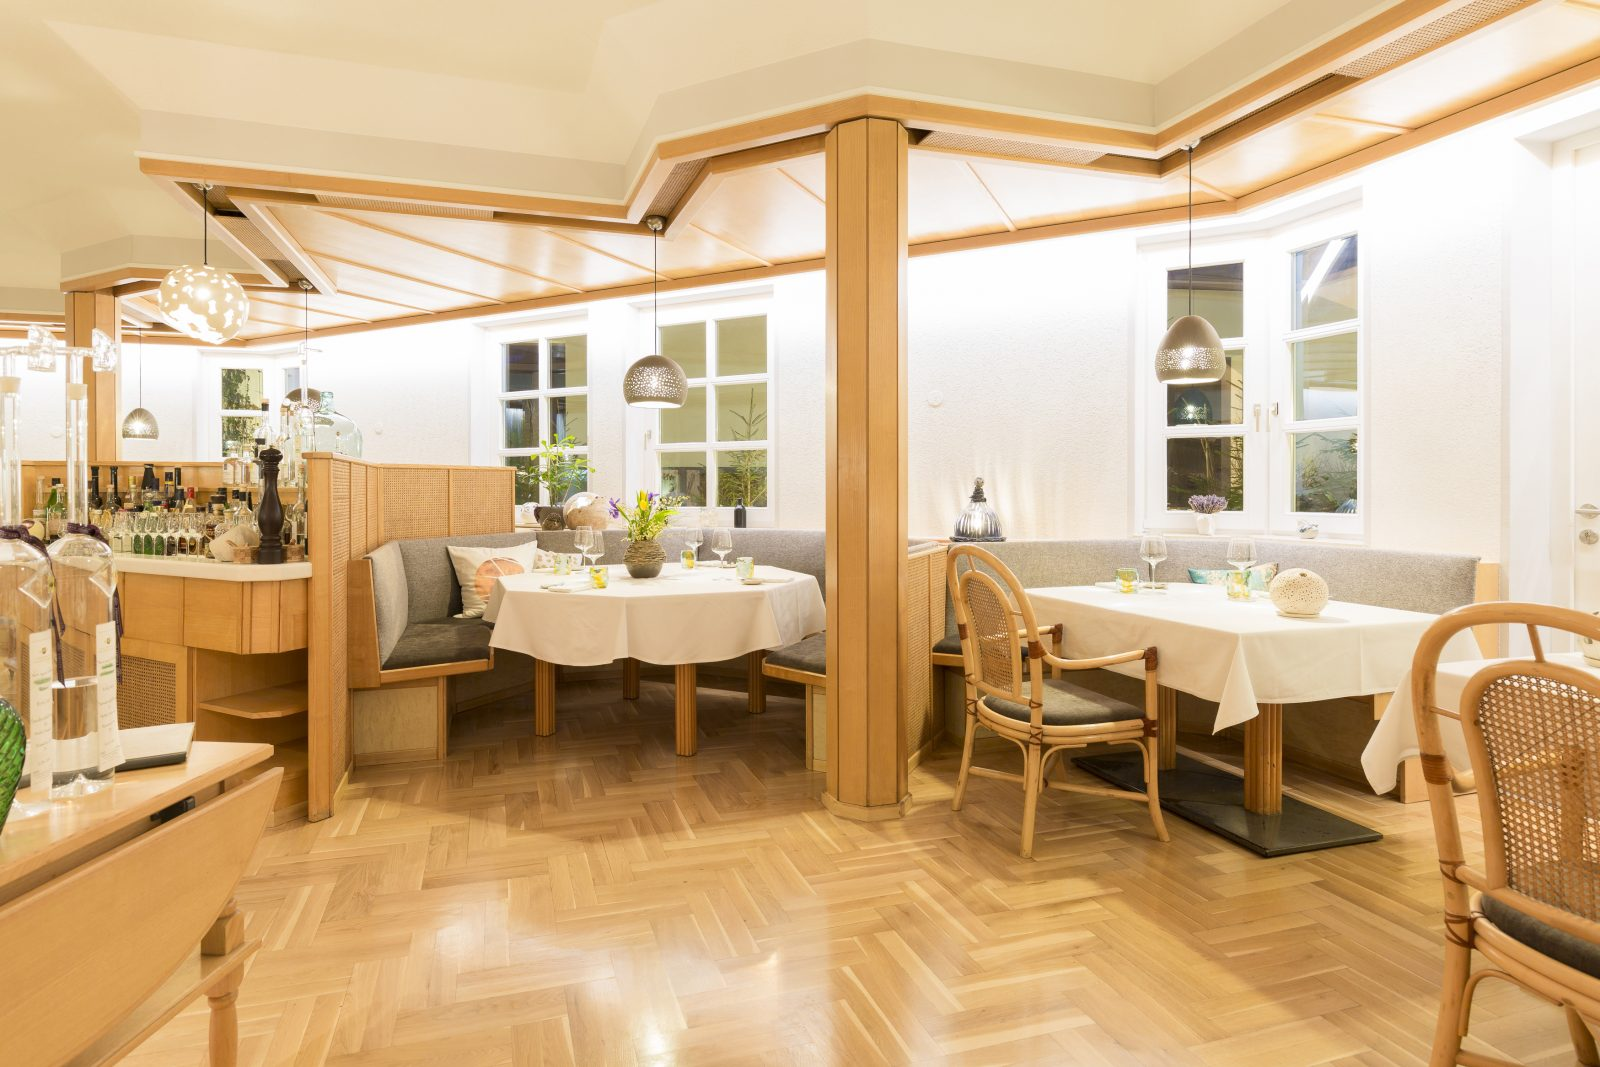 Restaurant mit Logen, Keramikleuchten von TSAK - Tonstudio Astrid Krainer und Parkettboden